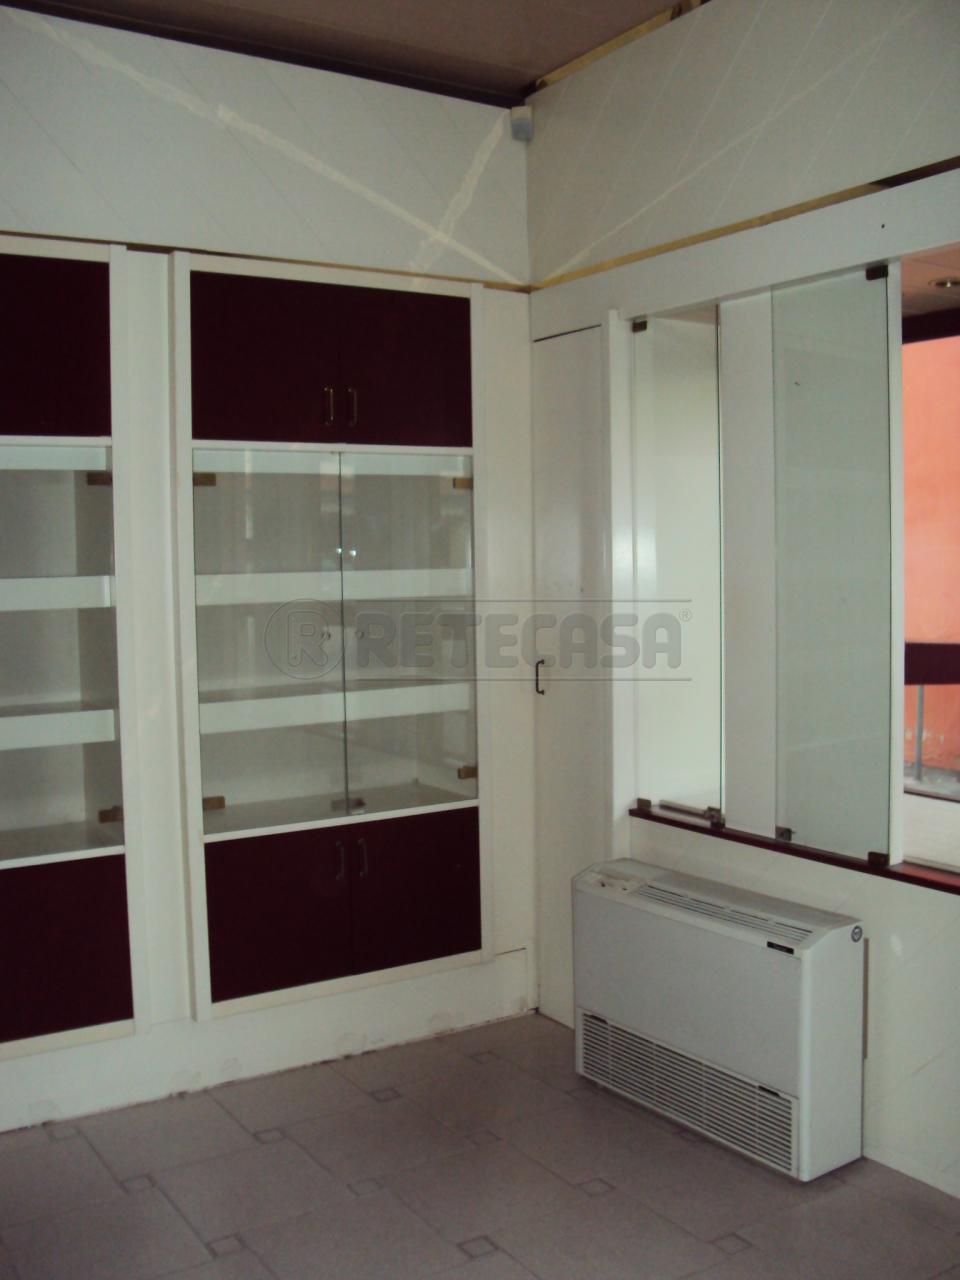 Negozio / Locale in affitto a San Giorgio delle Pertiche, 9999 locali, prezzo € 300 | Cambio Casa.it